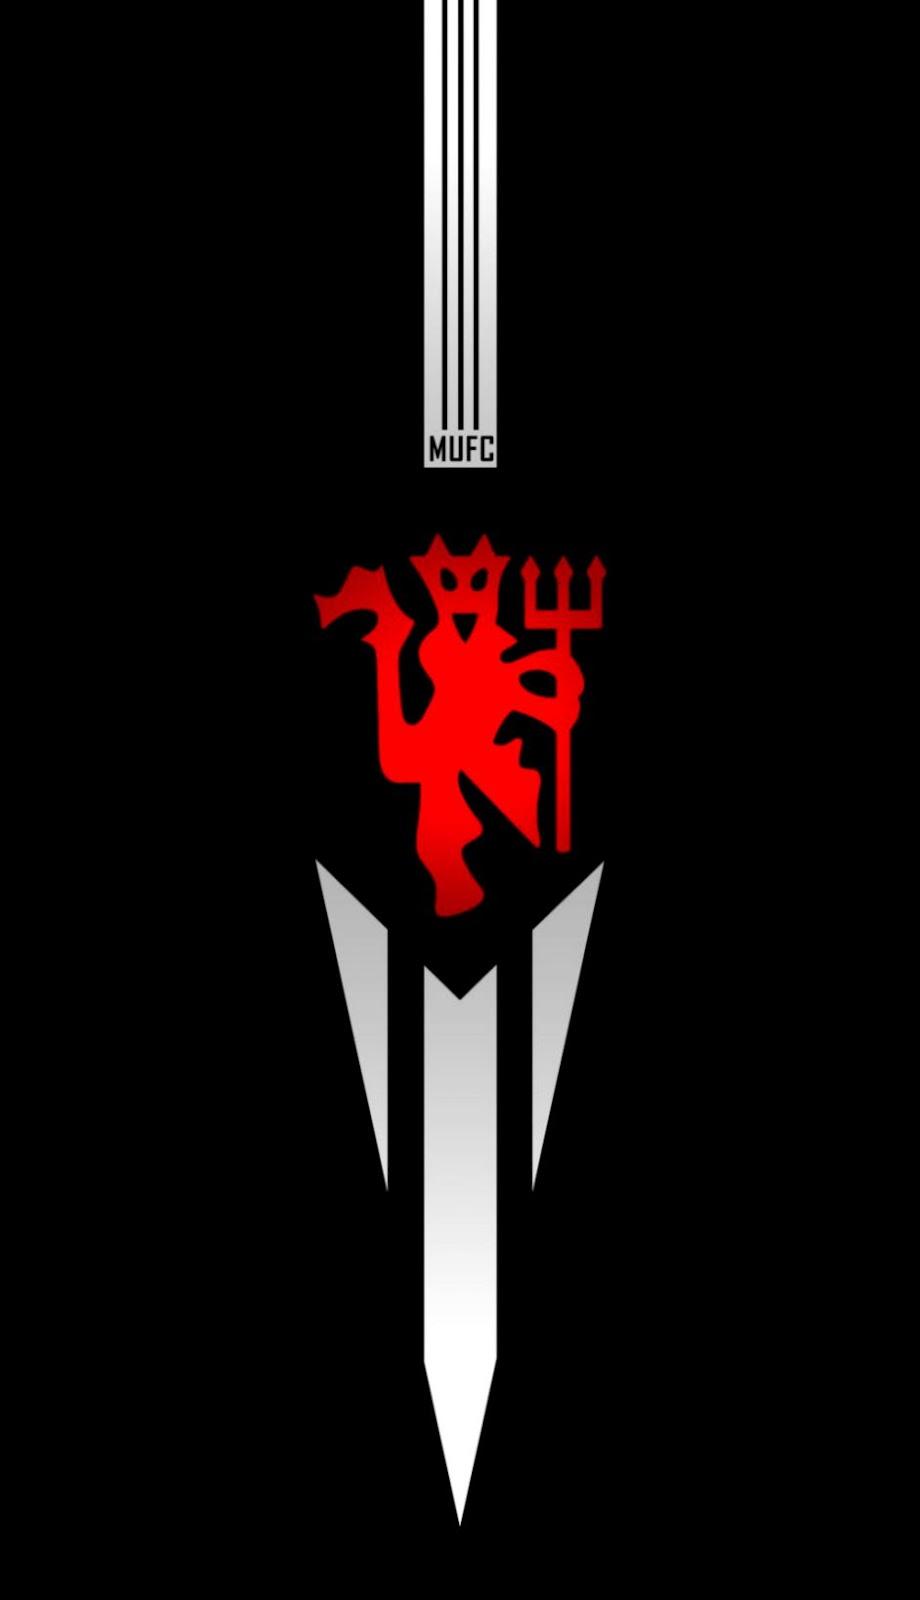 Man Utd Red Devil Wallpaper